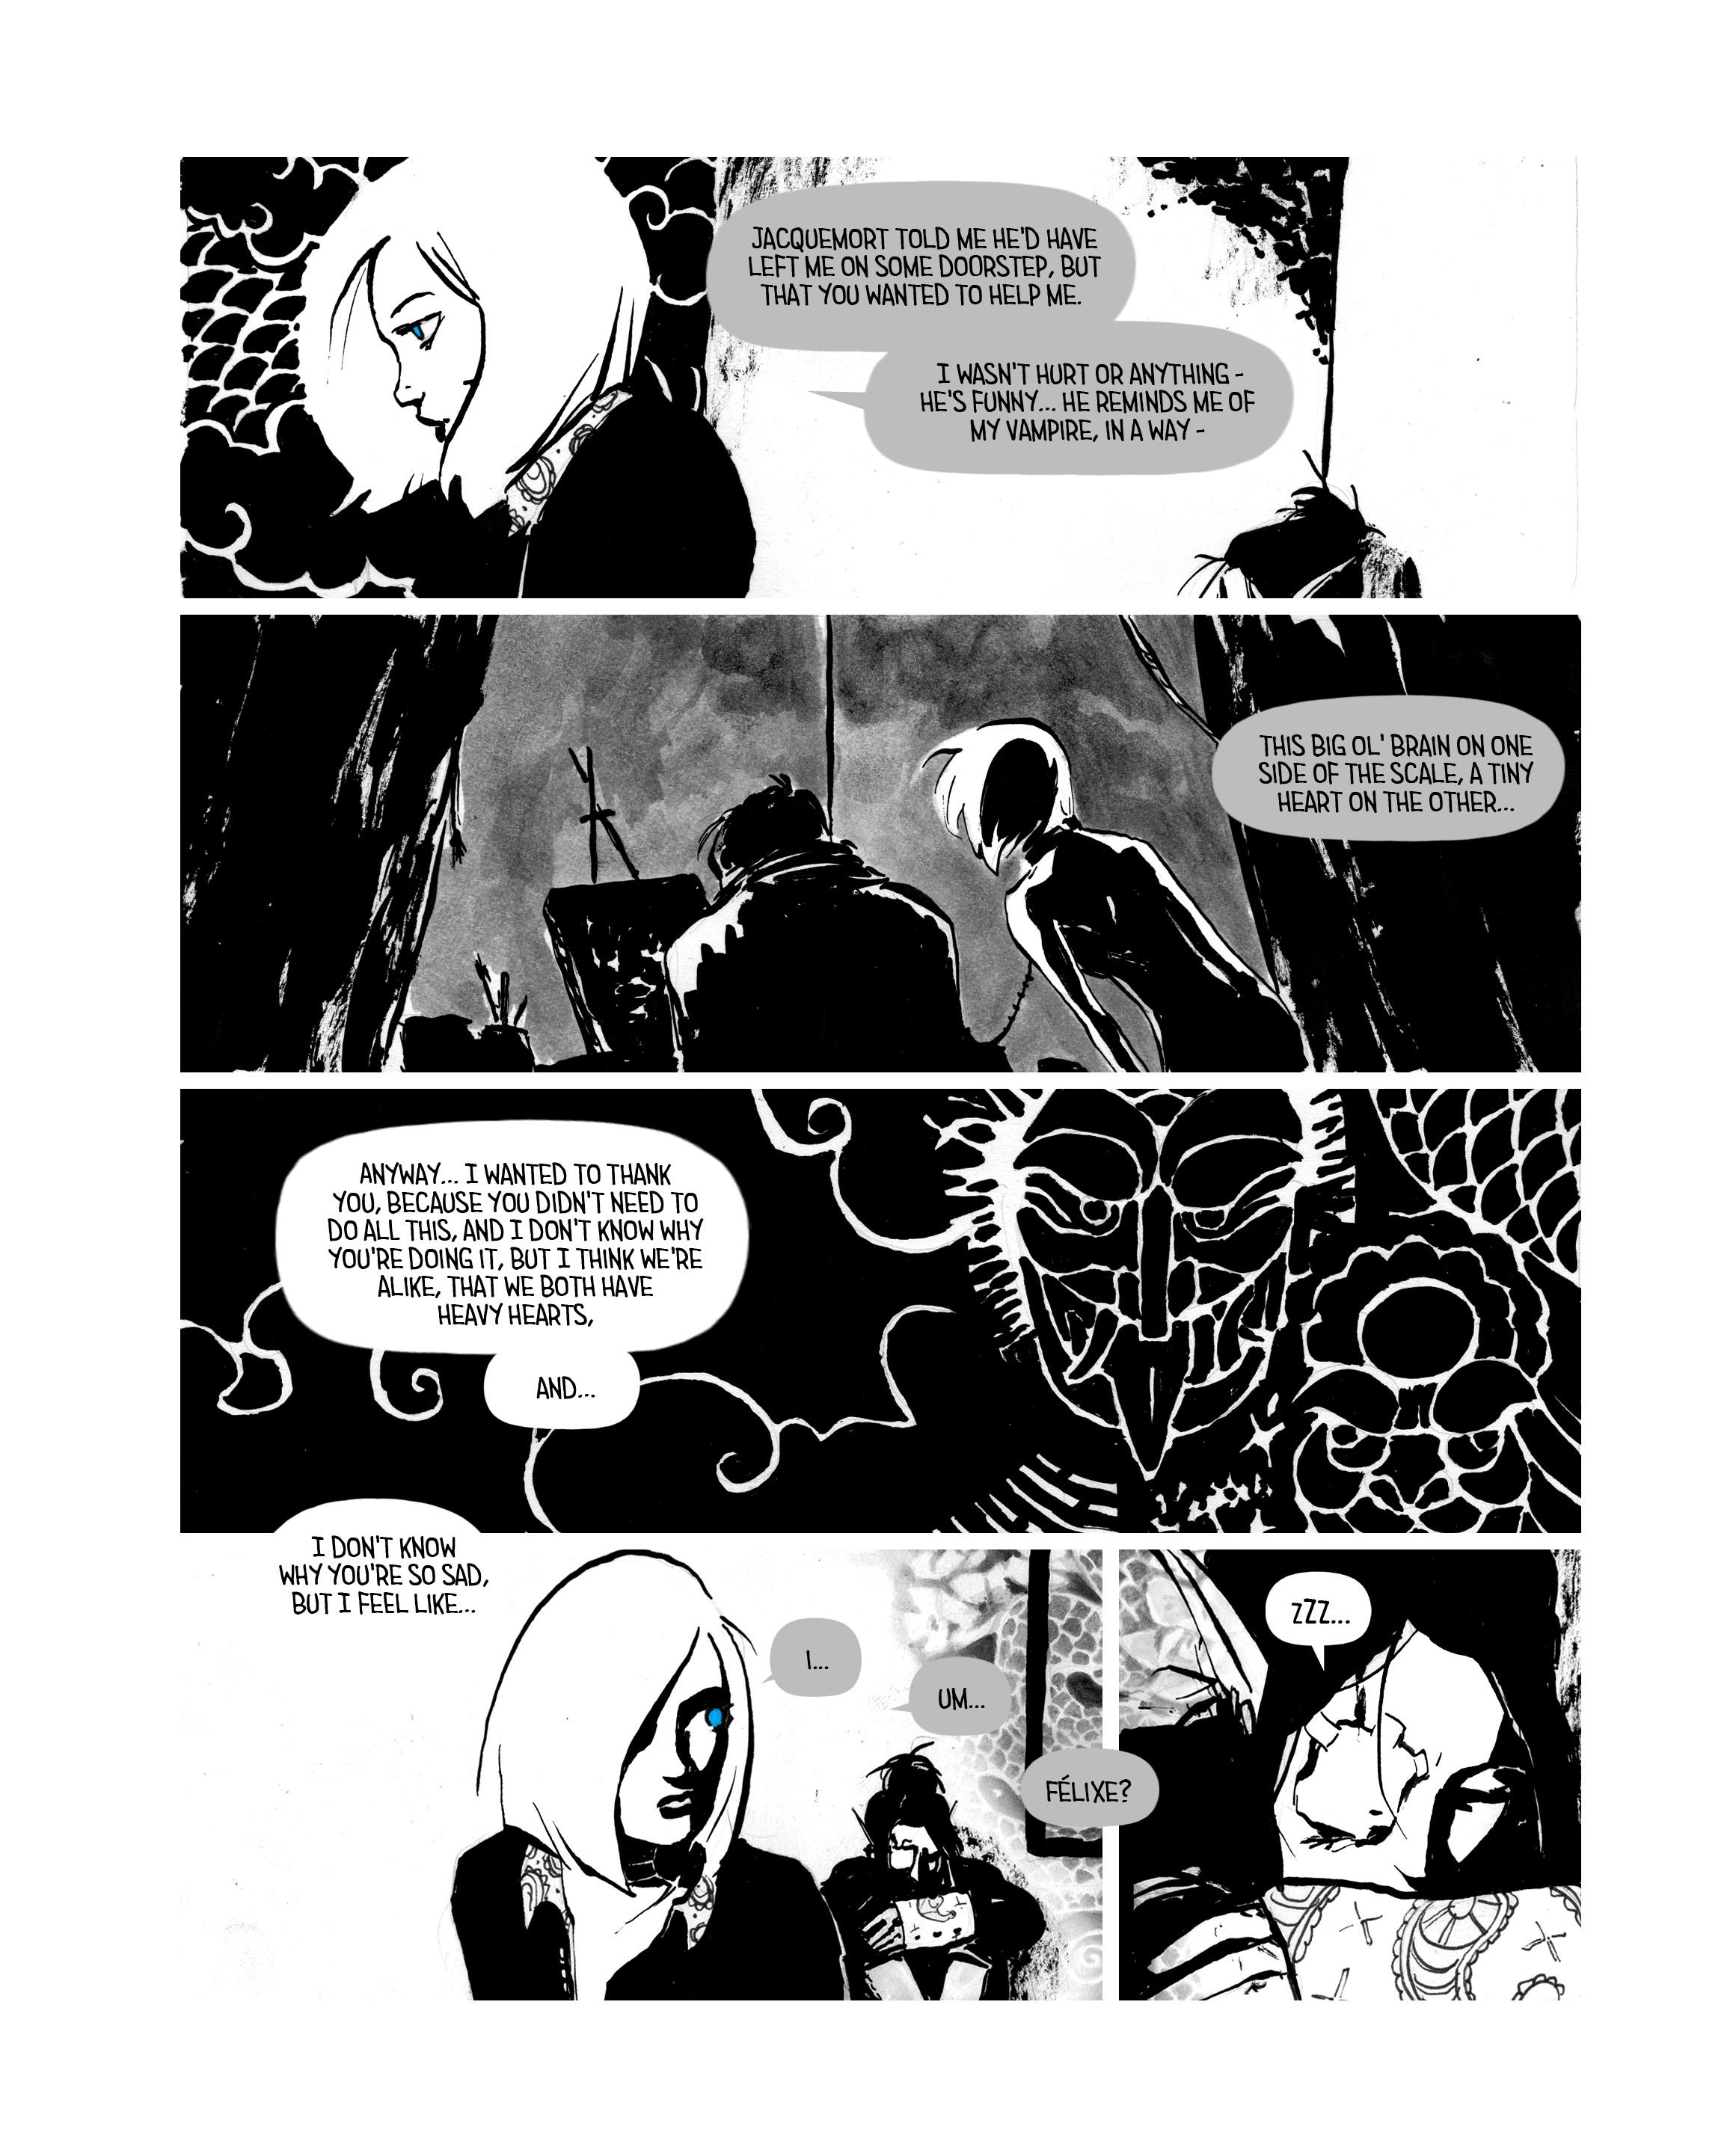 Book 1: p119